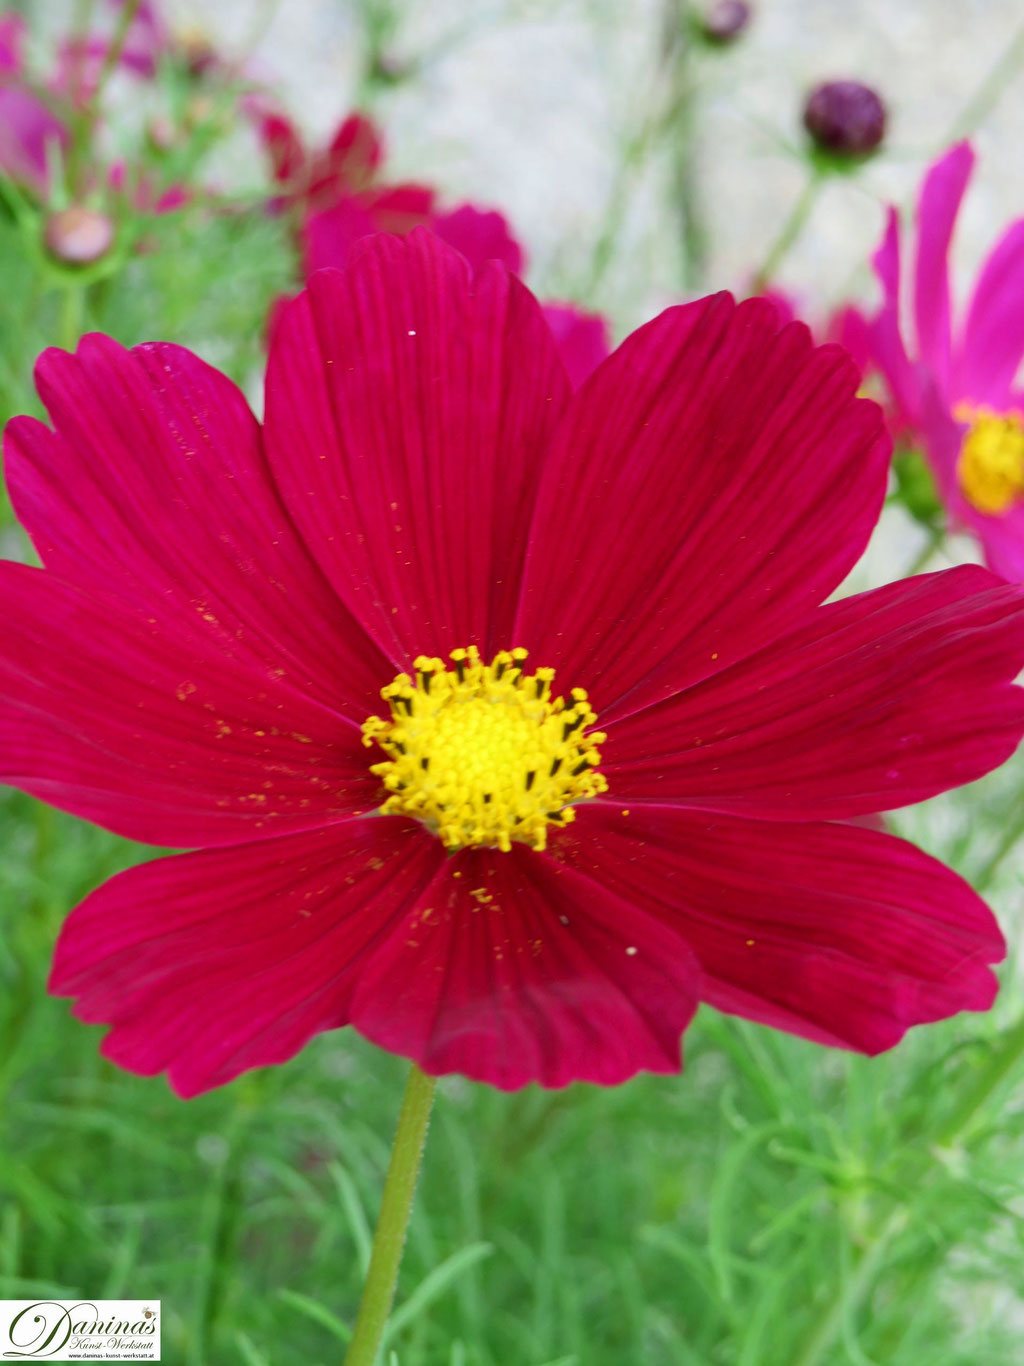 Schmuckkörbchen (Cosmea) - mehrjährige Sommerblume